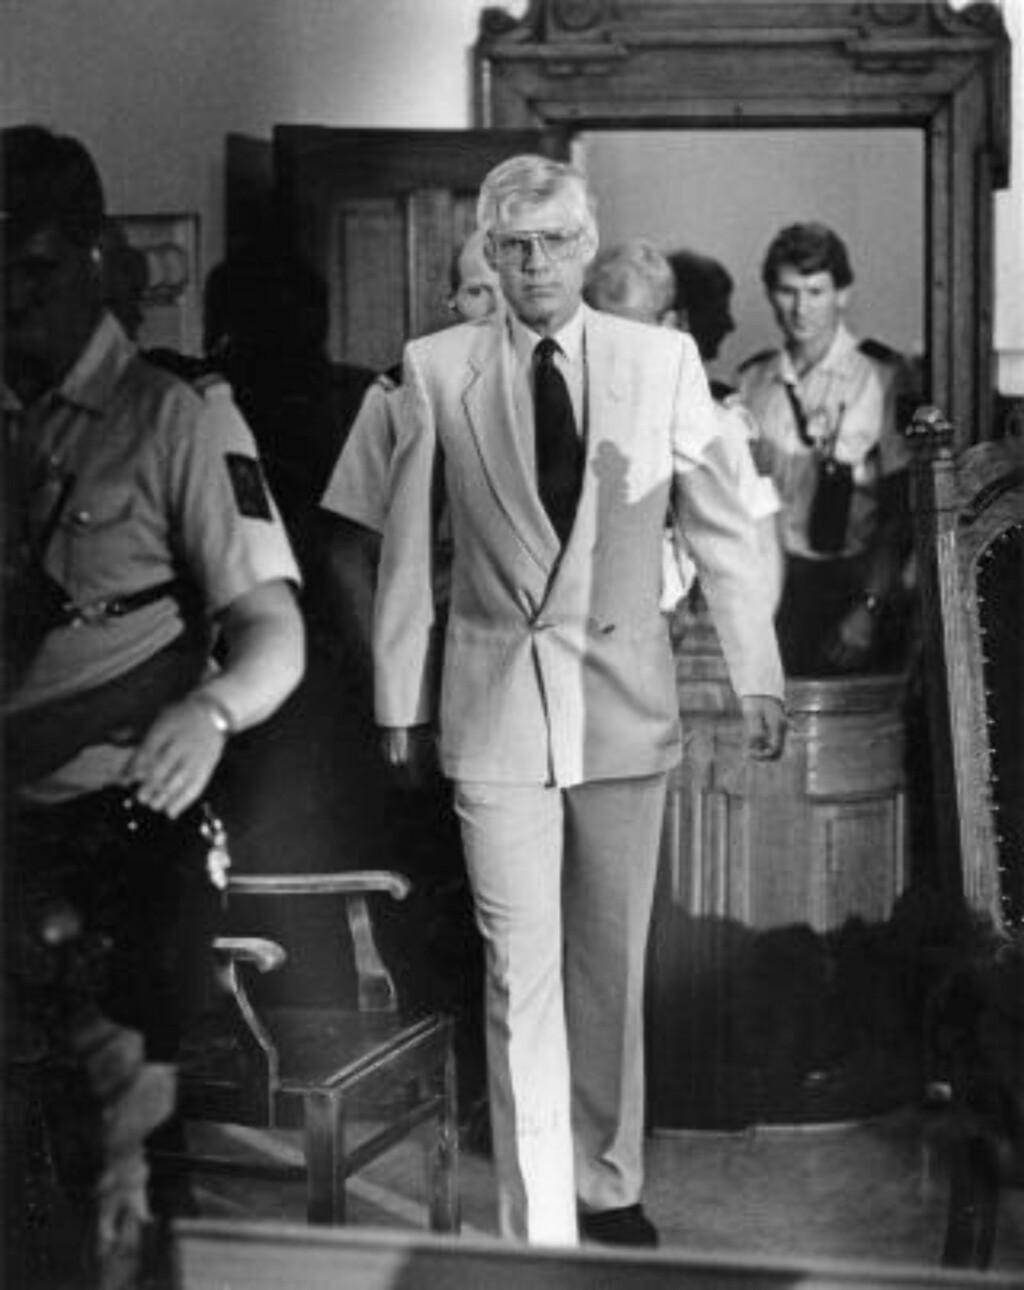 FIKK DOMMEN: I juni 1985 fikk Arne Treholt dommen på 20 år.  Foto: Geir Bølstad / Dagbladet